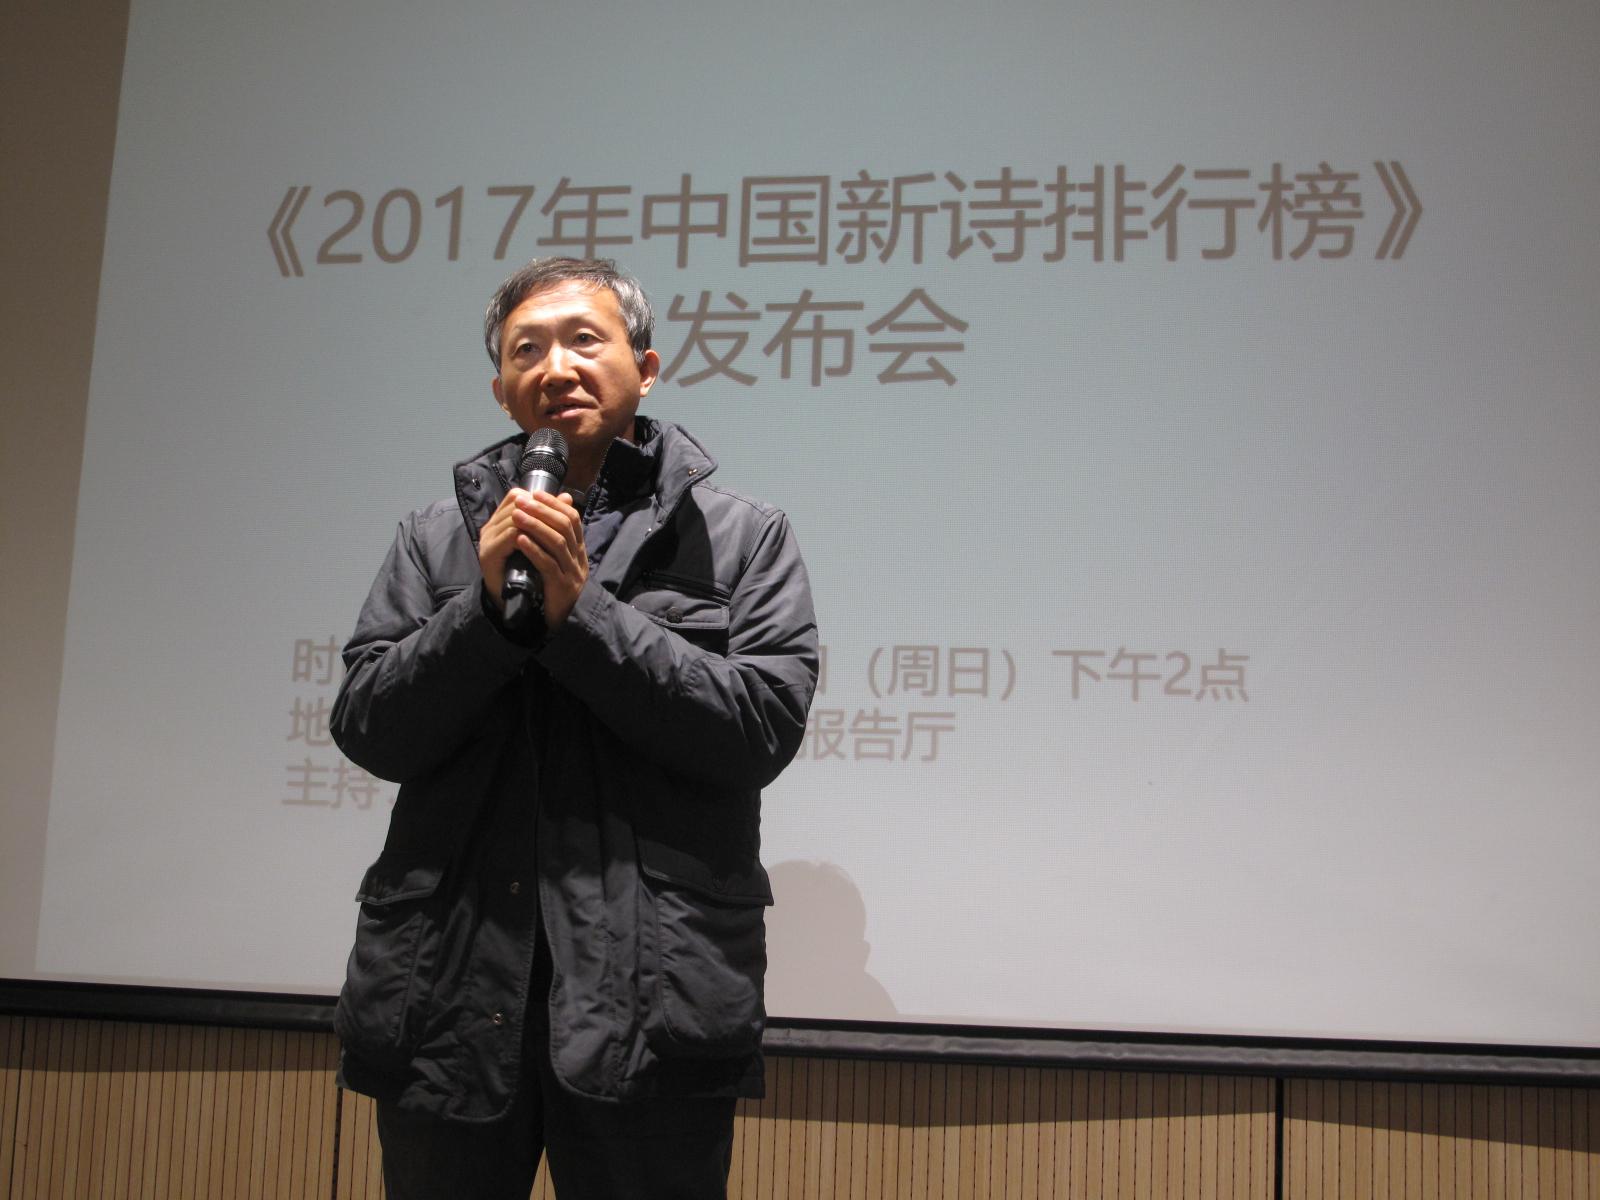 7、中国作家出版集团出版部主任杨志学在发言.JPG